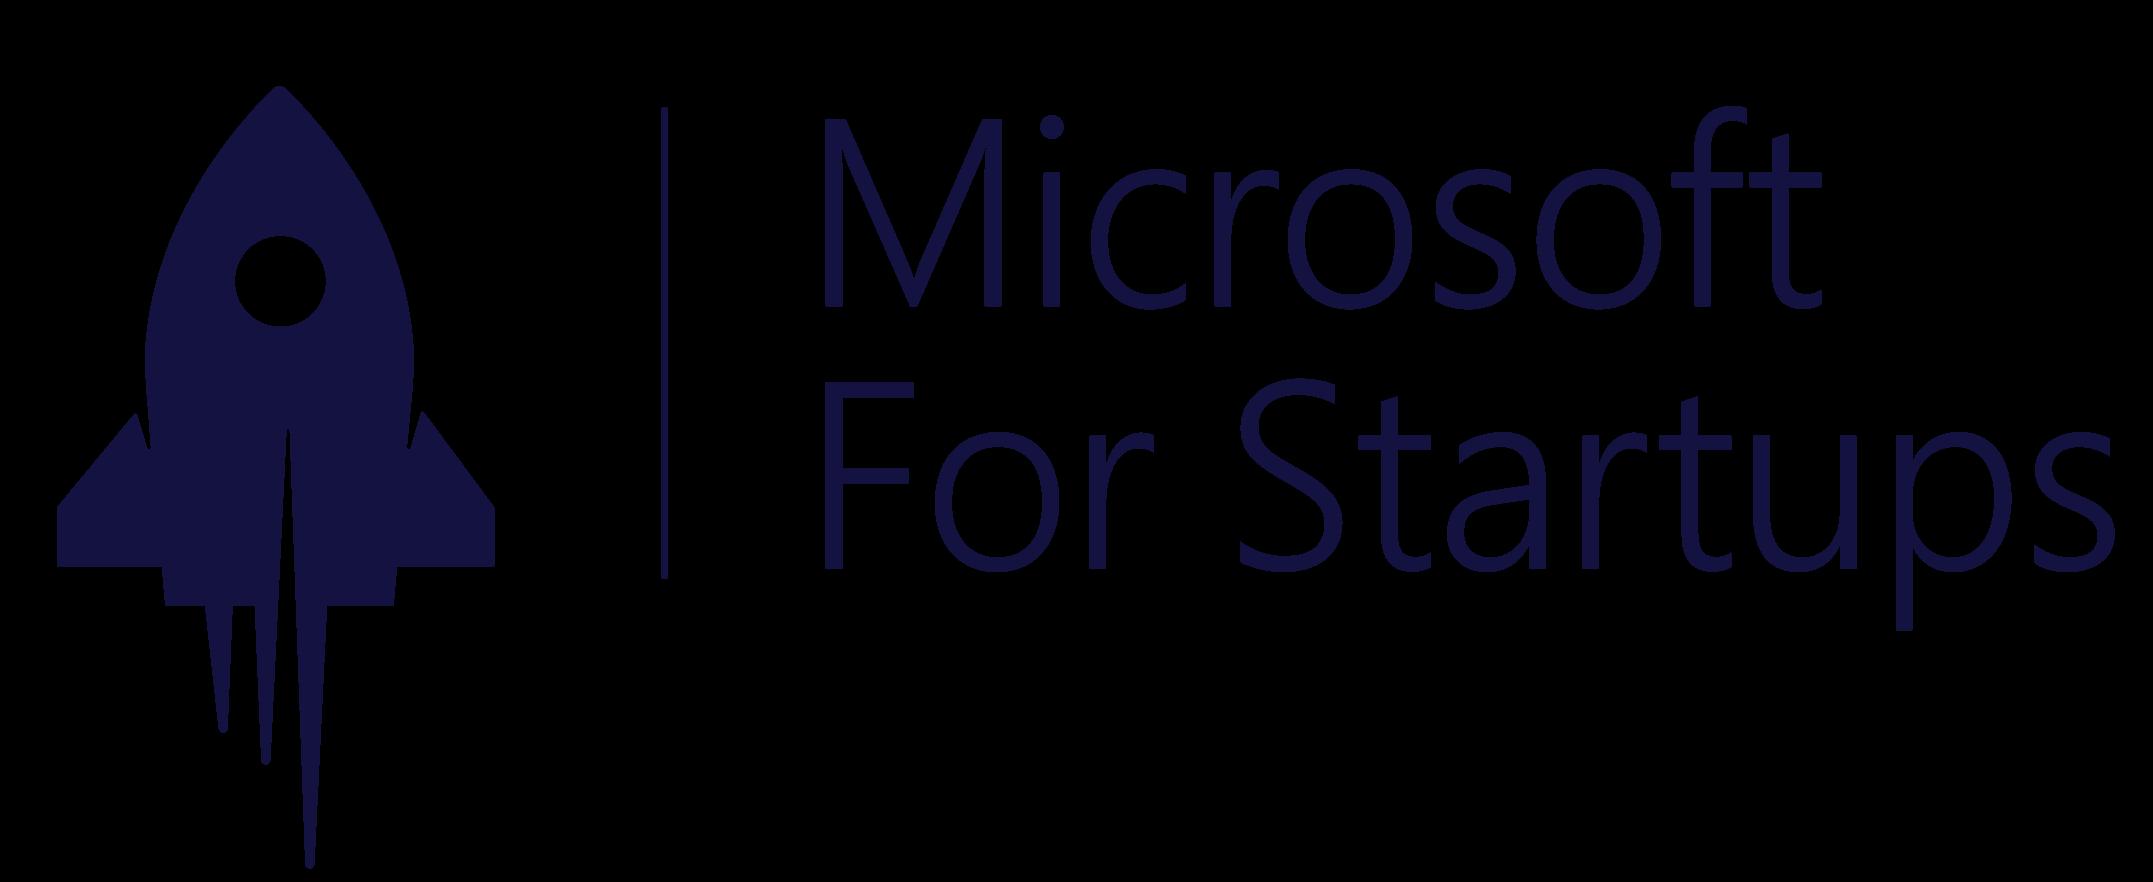 microsoft-for-startups-logo